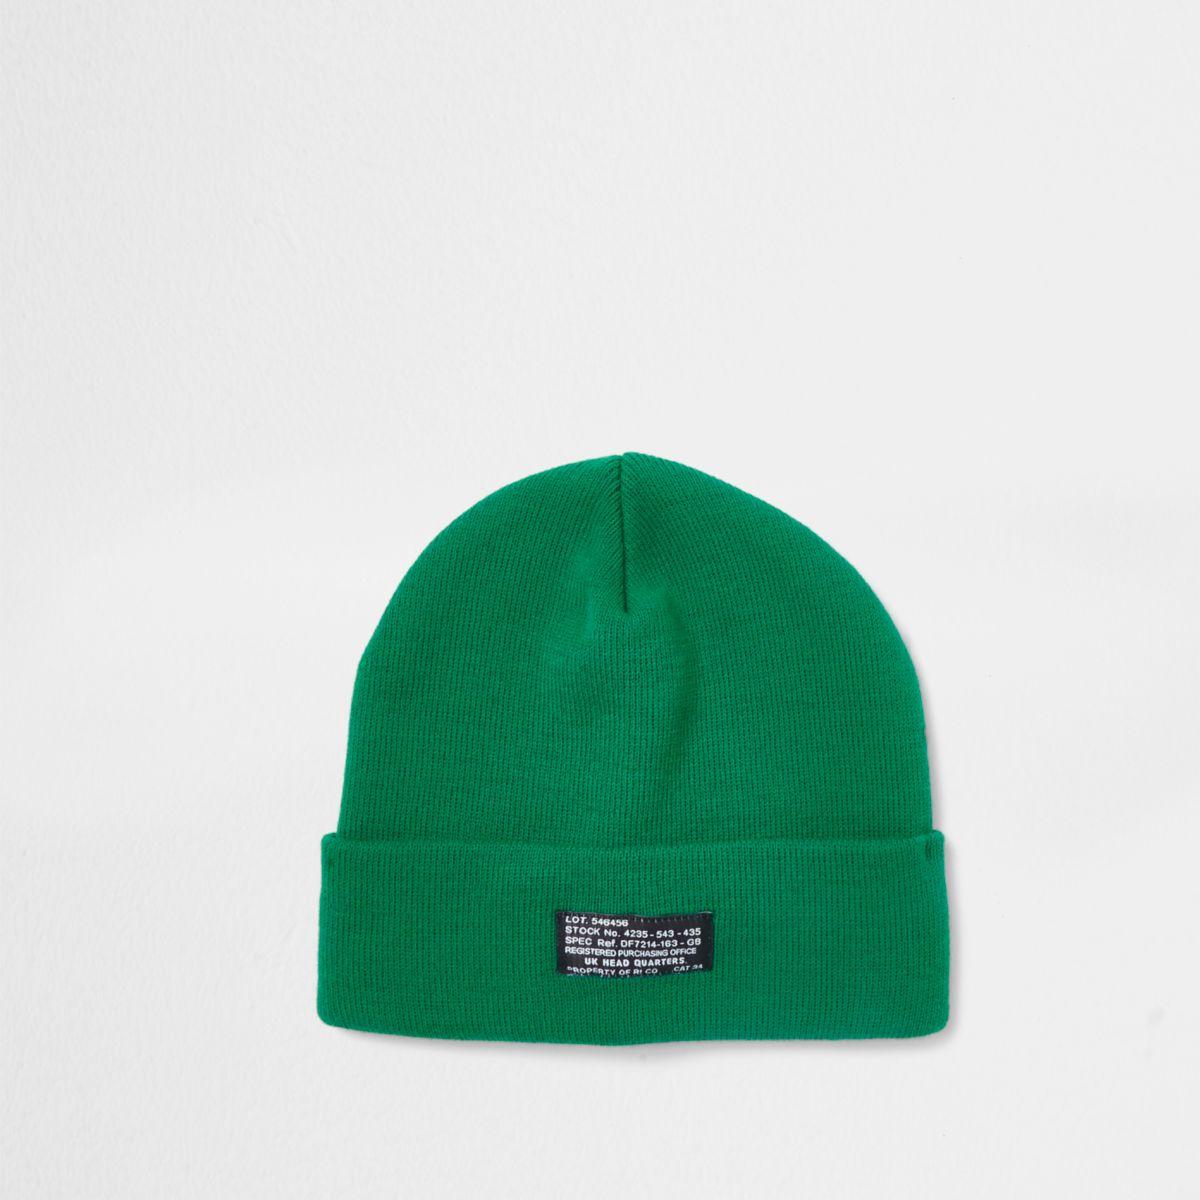 Bright green beanie hat